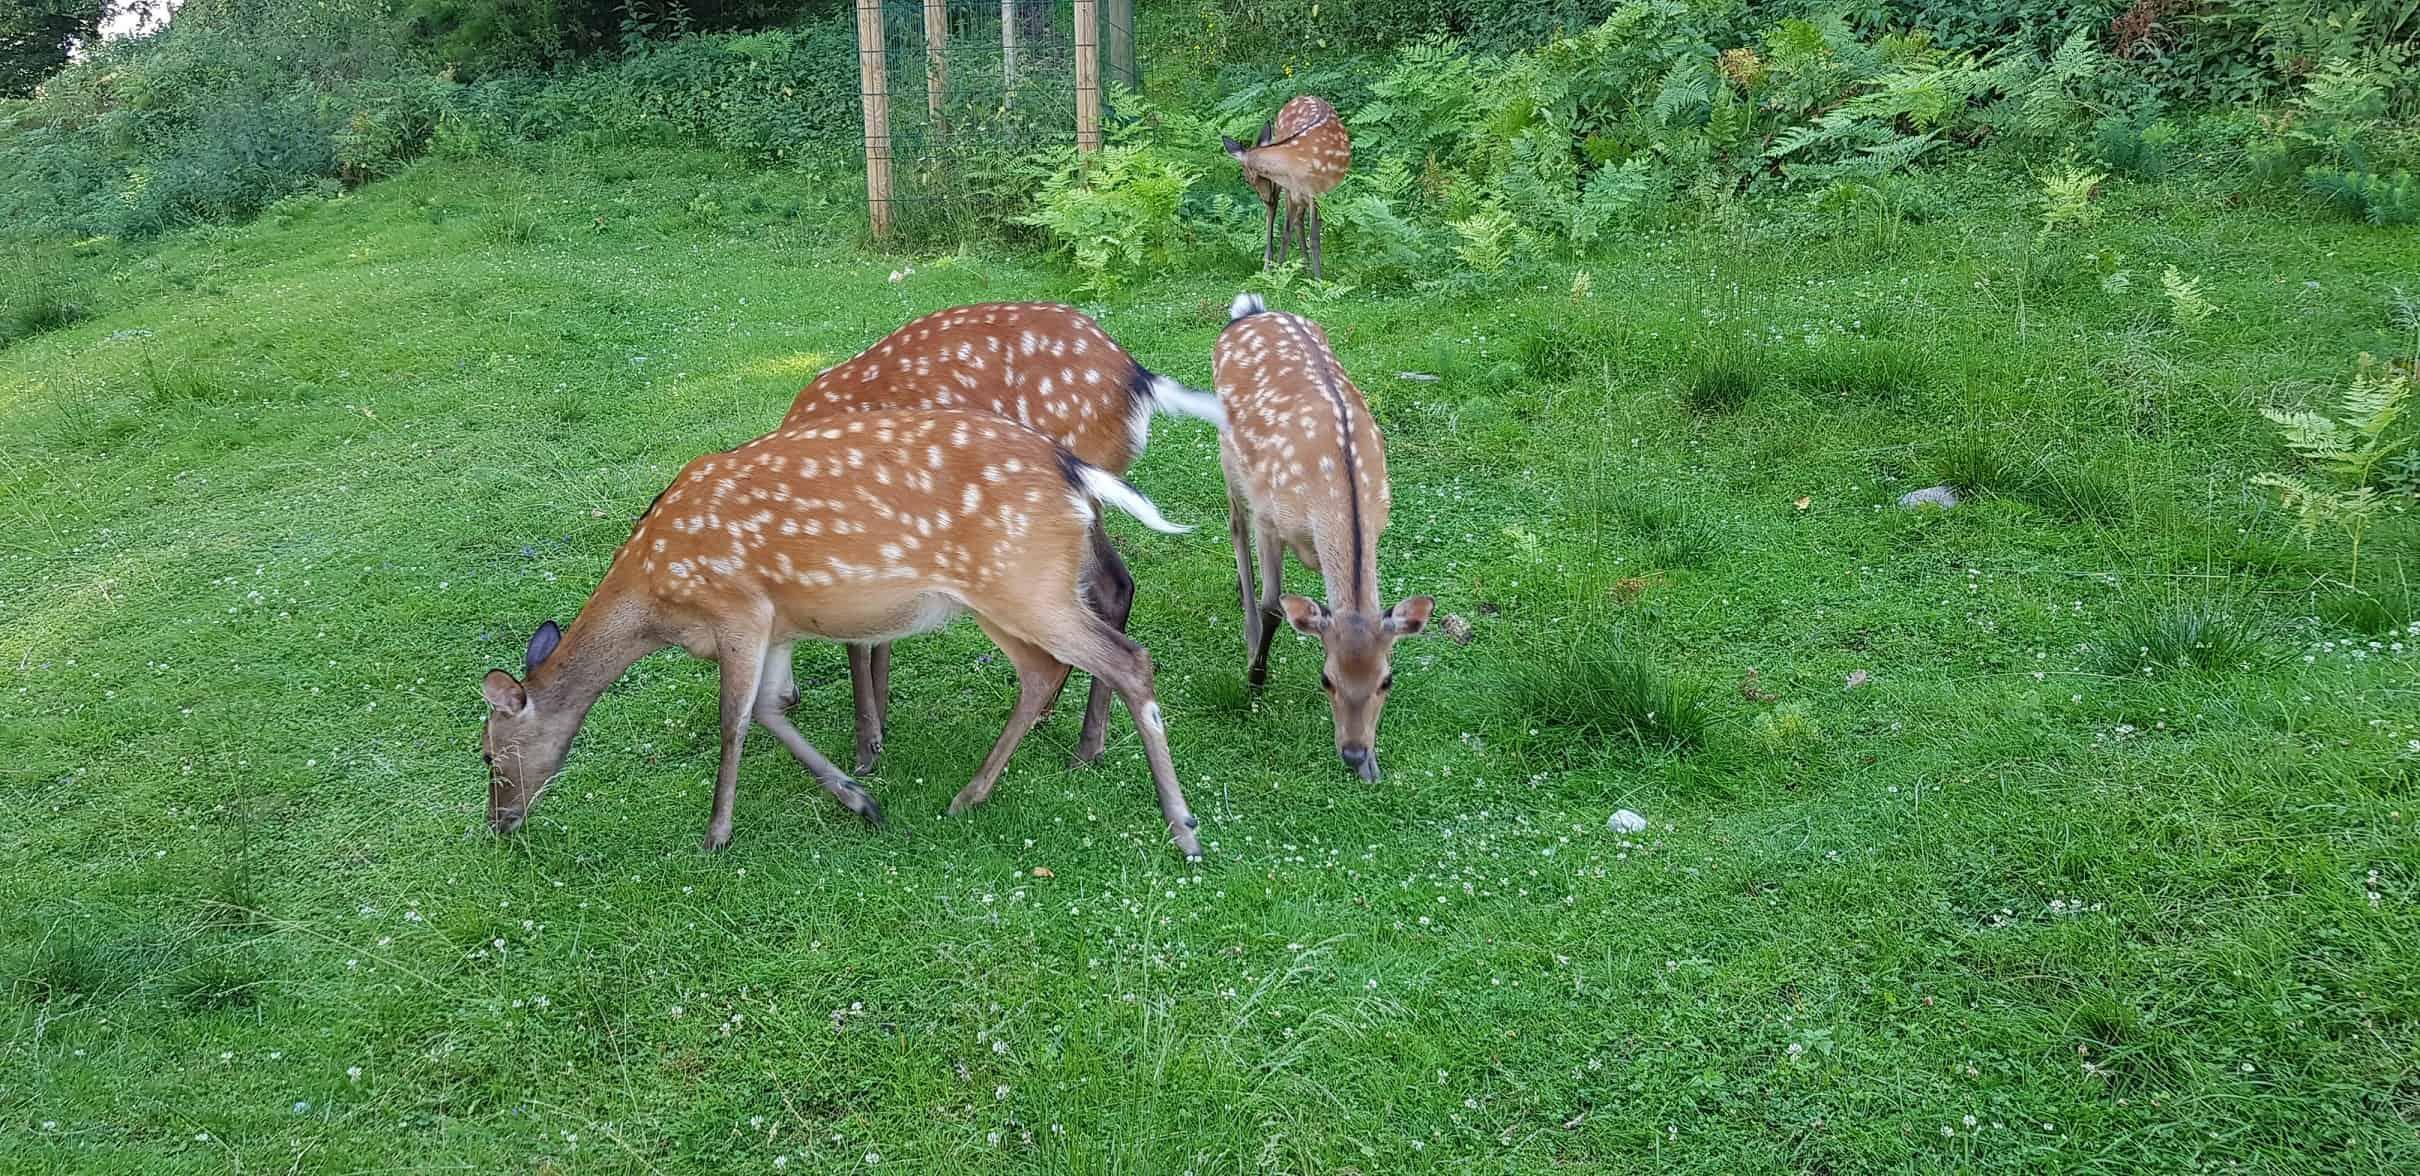 freilaufende Rehe im Tierpark Rosegg Kärnten